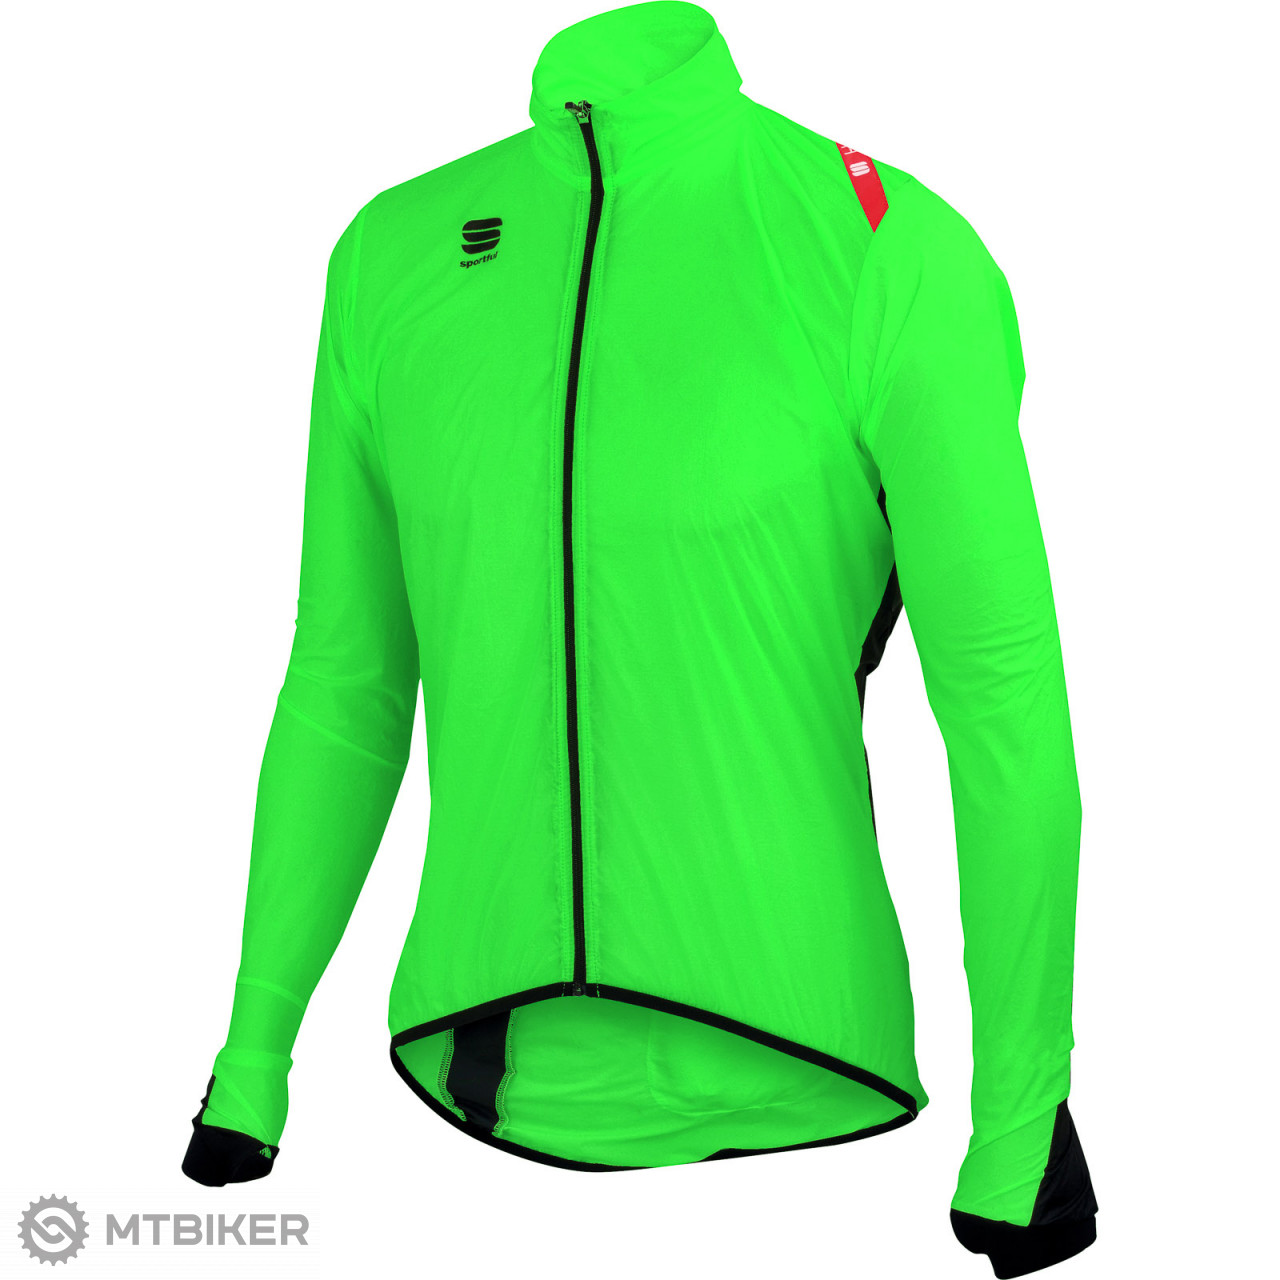 422b7180b90a6 Oblečenie a batohy » Bundy a vesty od Sportful - MTBIKER Shop